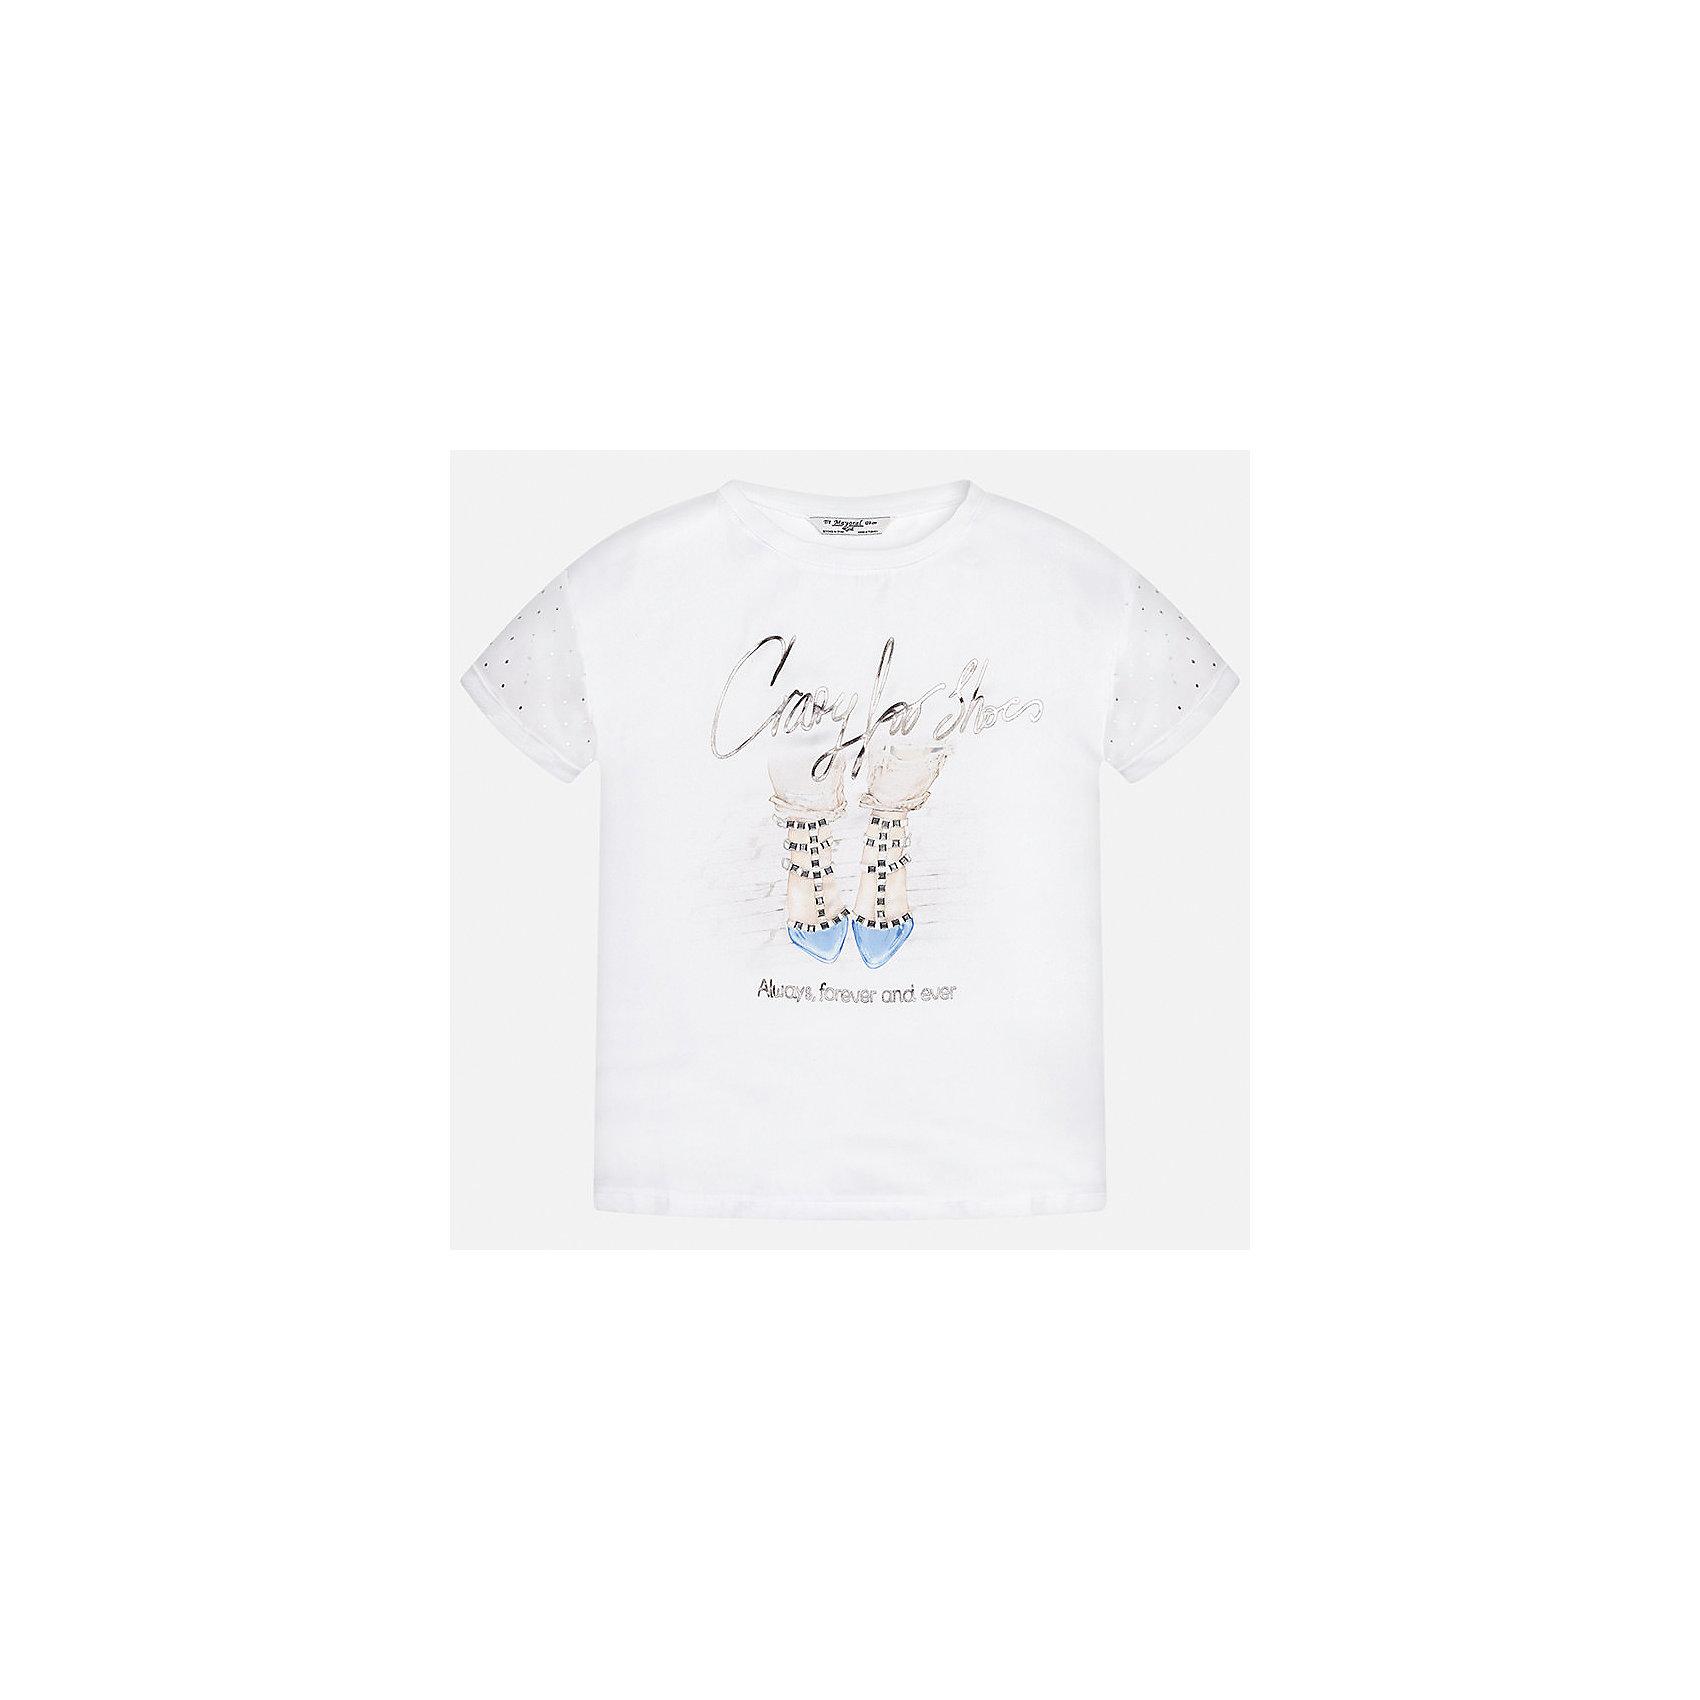 Футболка для девочки MayoralХарактеристики товара:<br><br>• цвет: белый<br>• состав: 60% полиэстер, 40% вискоза<br>• эластичный материал<br>• декорирована принтом<br>• короткие рукава<br>• округлый горловой вырез<br>• страна бренда: Испания<br><br>Модная качественная футболка для девочки поможет разнообразить гардероб ребенка и украсить наряд. Она отлично сочетается и с юбками, и с шортами, и с брюками. Универсальный цвет позволяет подобрать к вещи низ практически любой расцветки. Интересная отделка модели делает её нарядной и оригинальной.<br><br>Одежда, обувь и аксессуары от испанского бренда Mayoral полюбились детям и взрослым по всему миру. Модели этой марки - стильные и удобные. Для их производства используются только безопасные, качественные материалы и фурнитура. Порадуйте ребенка модными и красивыми вещами от Mayoral! <br><br>Футболку для девочки от испанского бренда Mayoral (Майорал) можно купить в нашем интернет-магазине.<br><br>Ширина мм: 199<br>Глубина мм: 10<br>Высота мм: 161<br>Вес г: 151<br>Цвет: голубой<br>Возраст от месяцев: 84<br>Возраст до месяцев: 96<br>Пол: Женский<br>Возраст: Детский<br>Размер: 128/134,170,140,152,158,164<br>SKU: 5300688